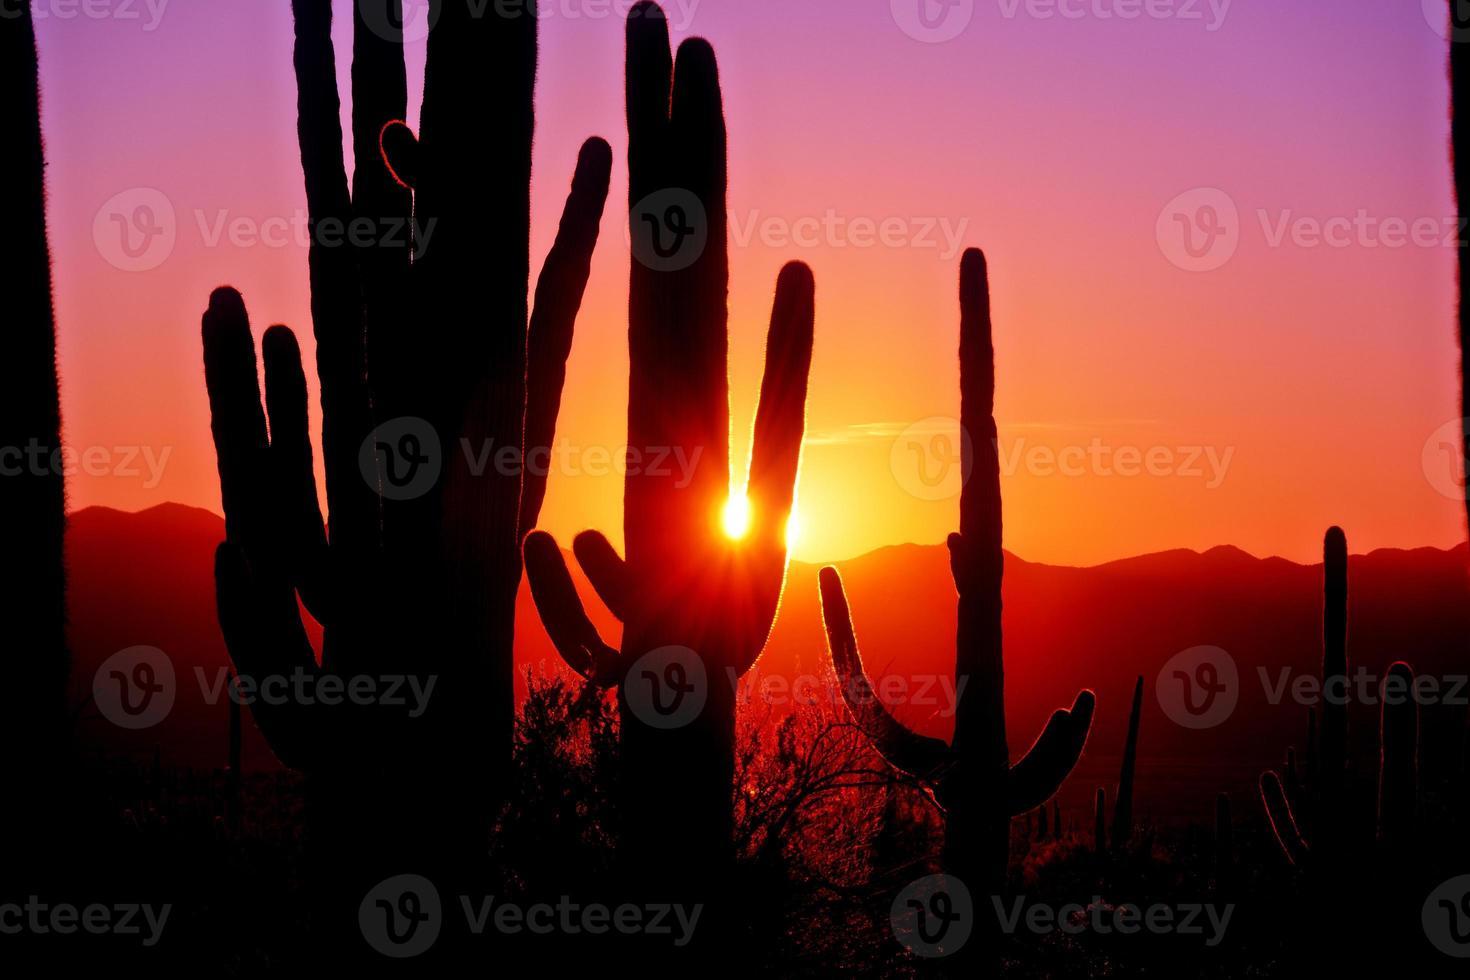 eerste zonsondergang in nationaal park saguaro in de buurt van tucson arizona. foto